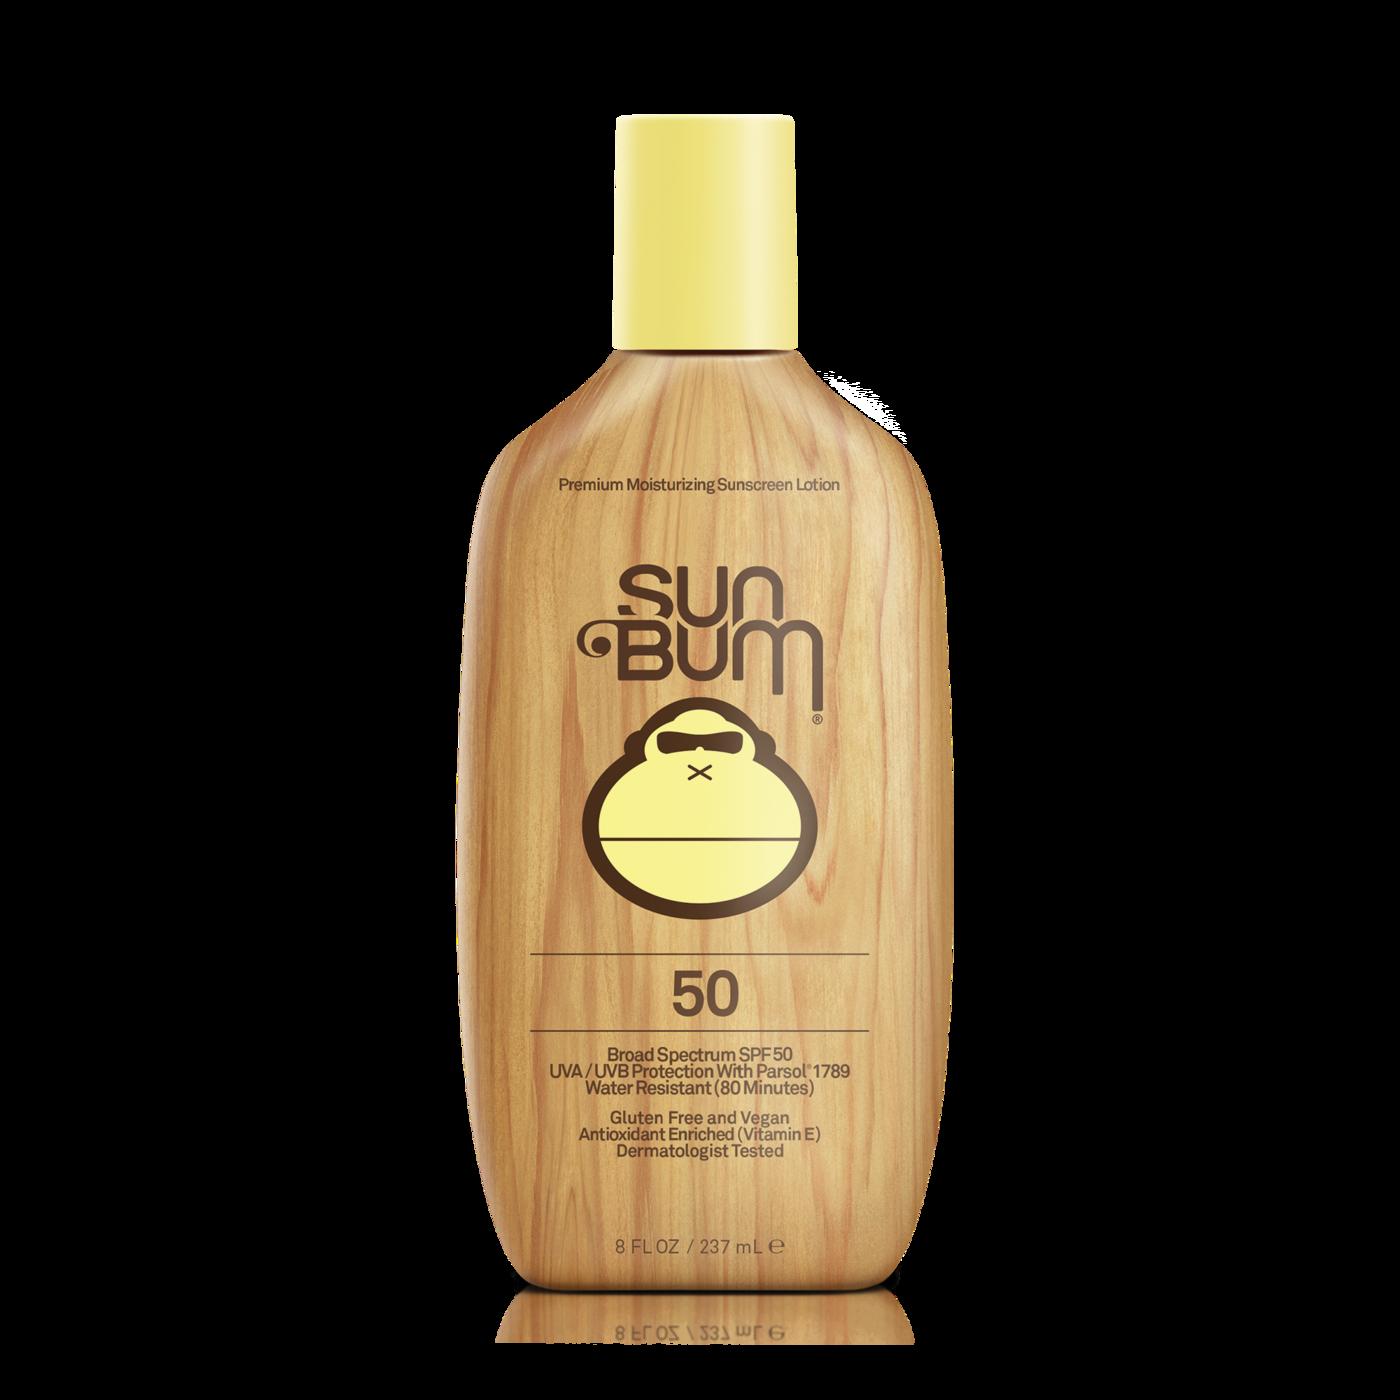 Sun Bum SPF 50 Sunscreen Lotion 8oz